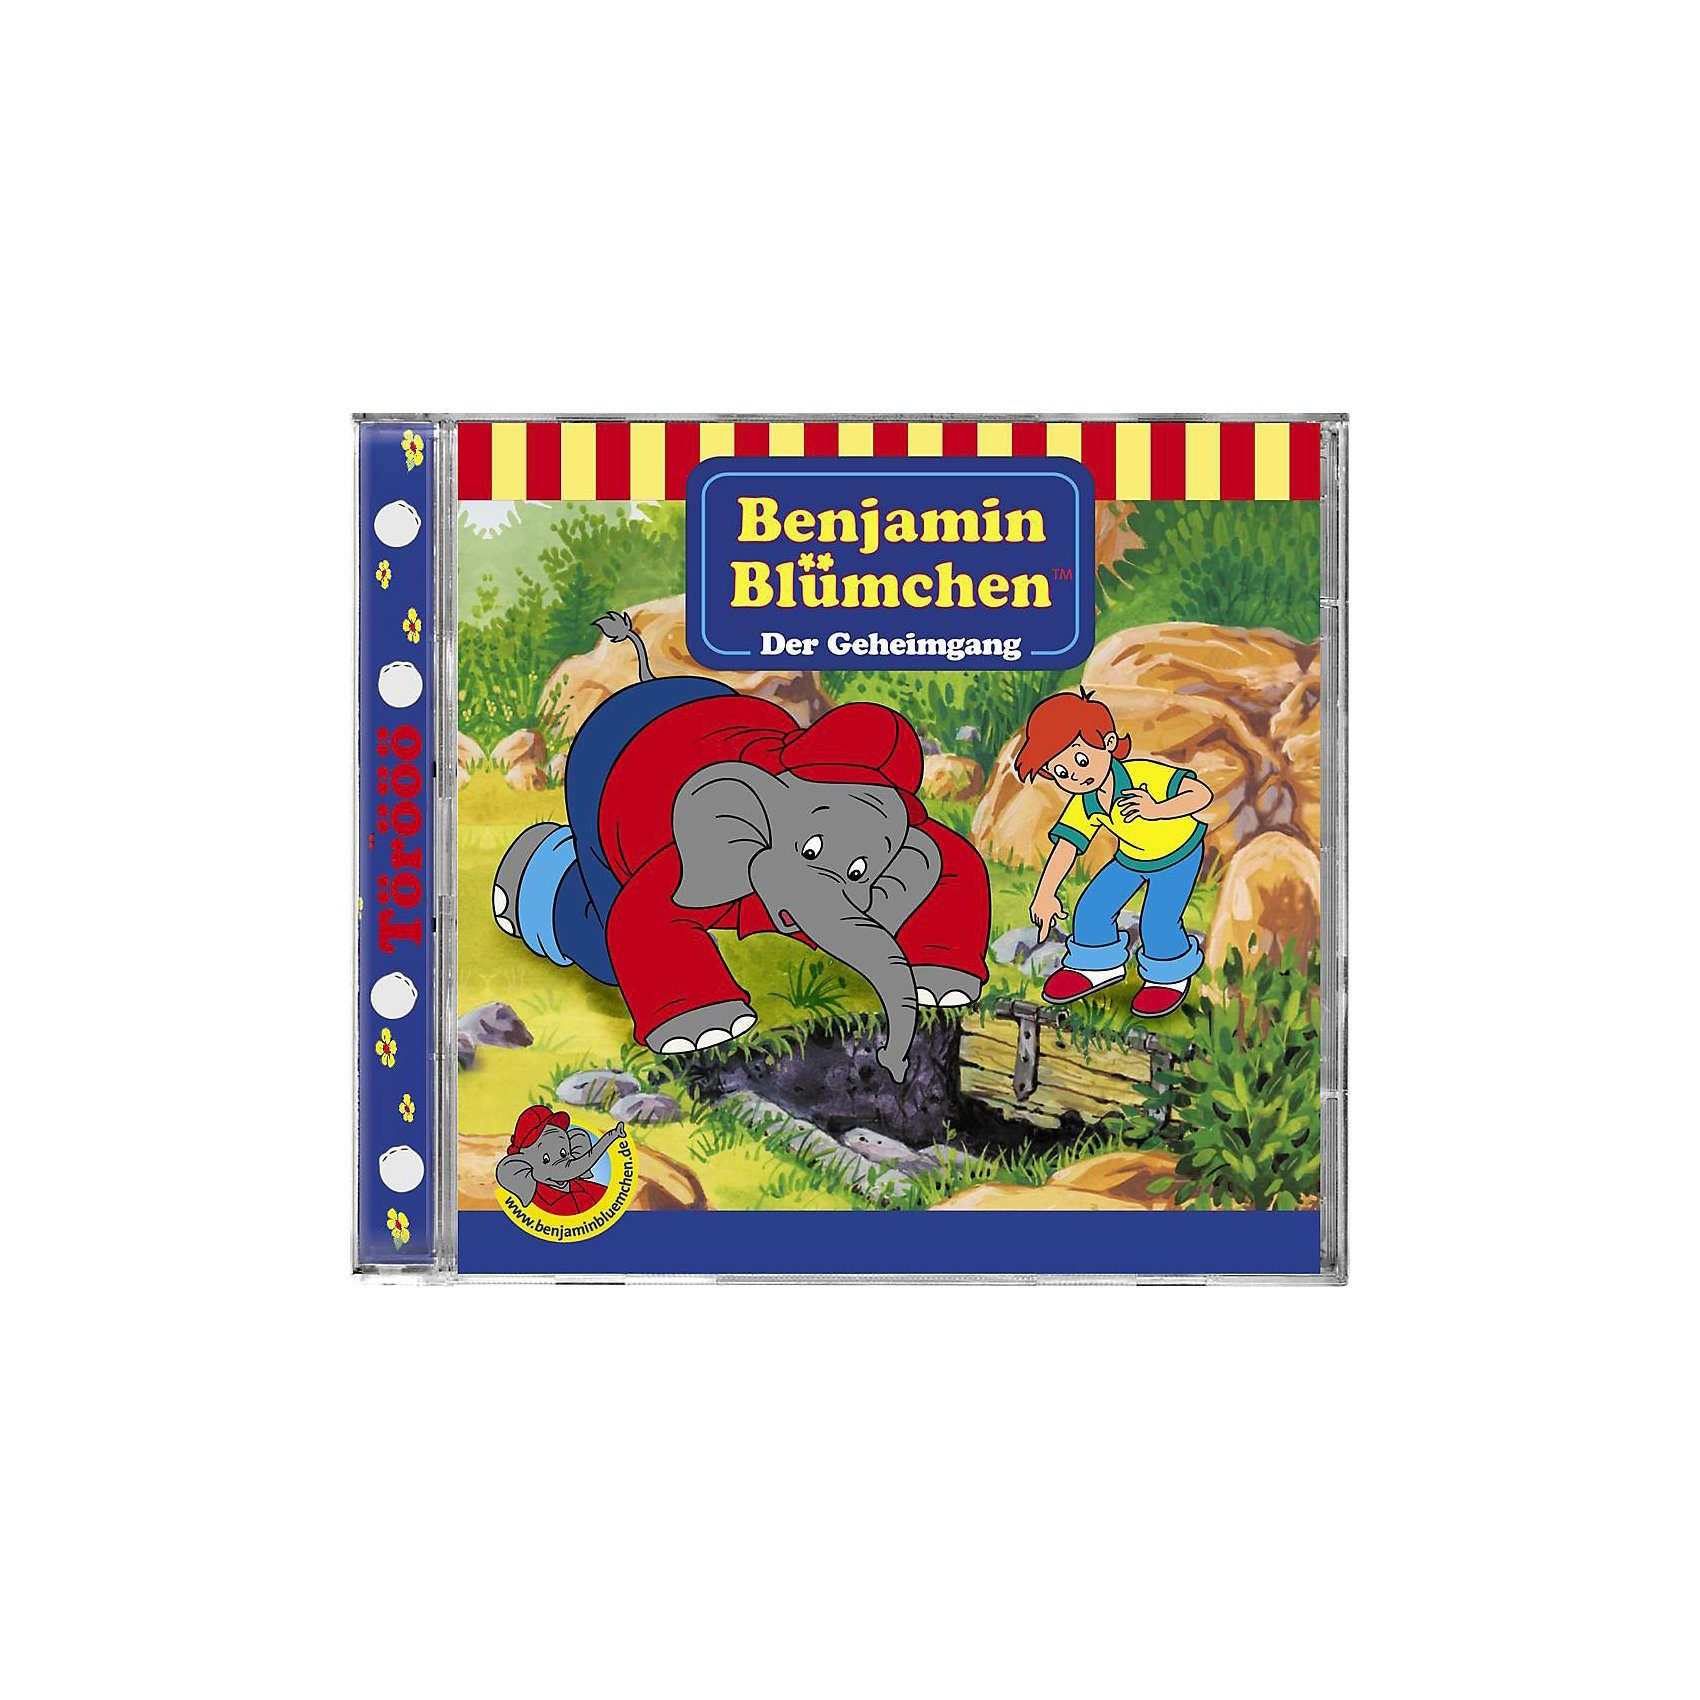 Kiddinx CD Benjamin Blümchen 99 (Der Geheimgang)